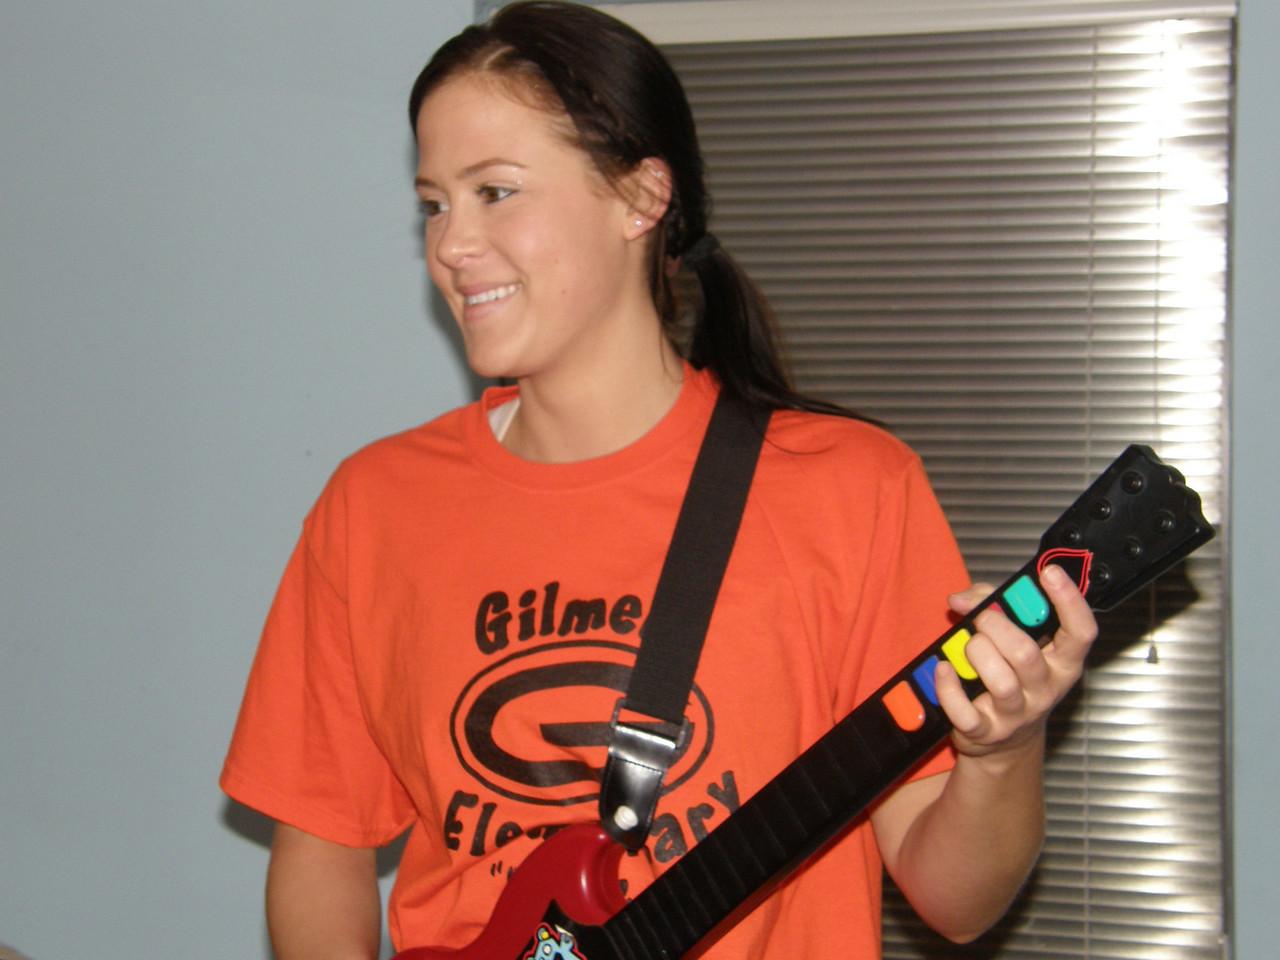 Sarah is a true Guitar hero!